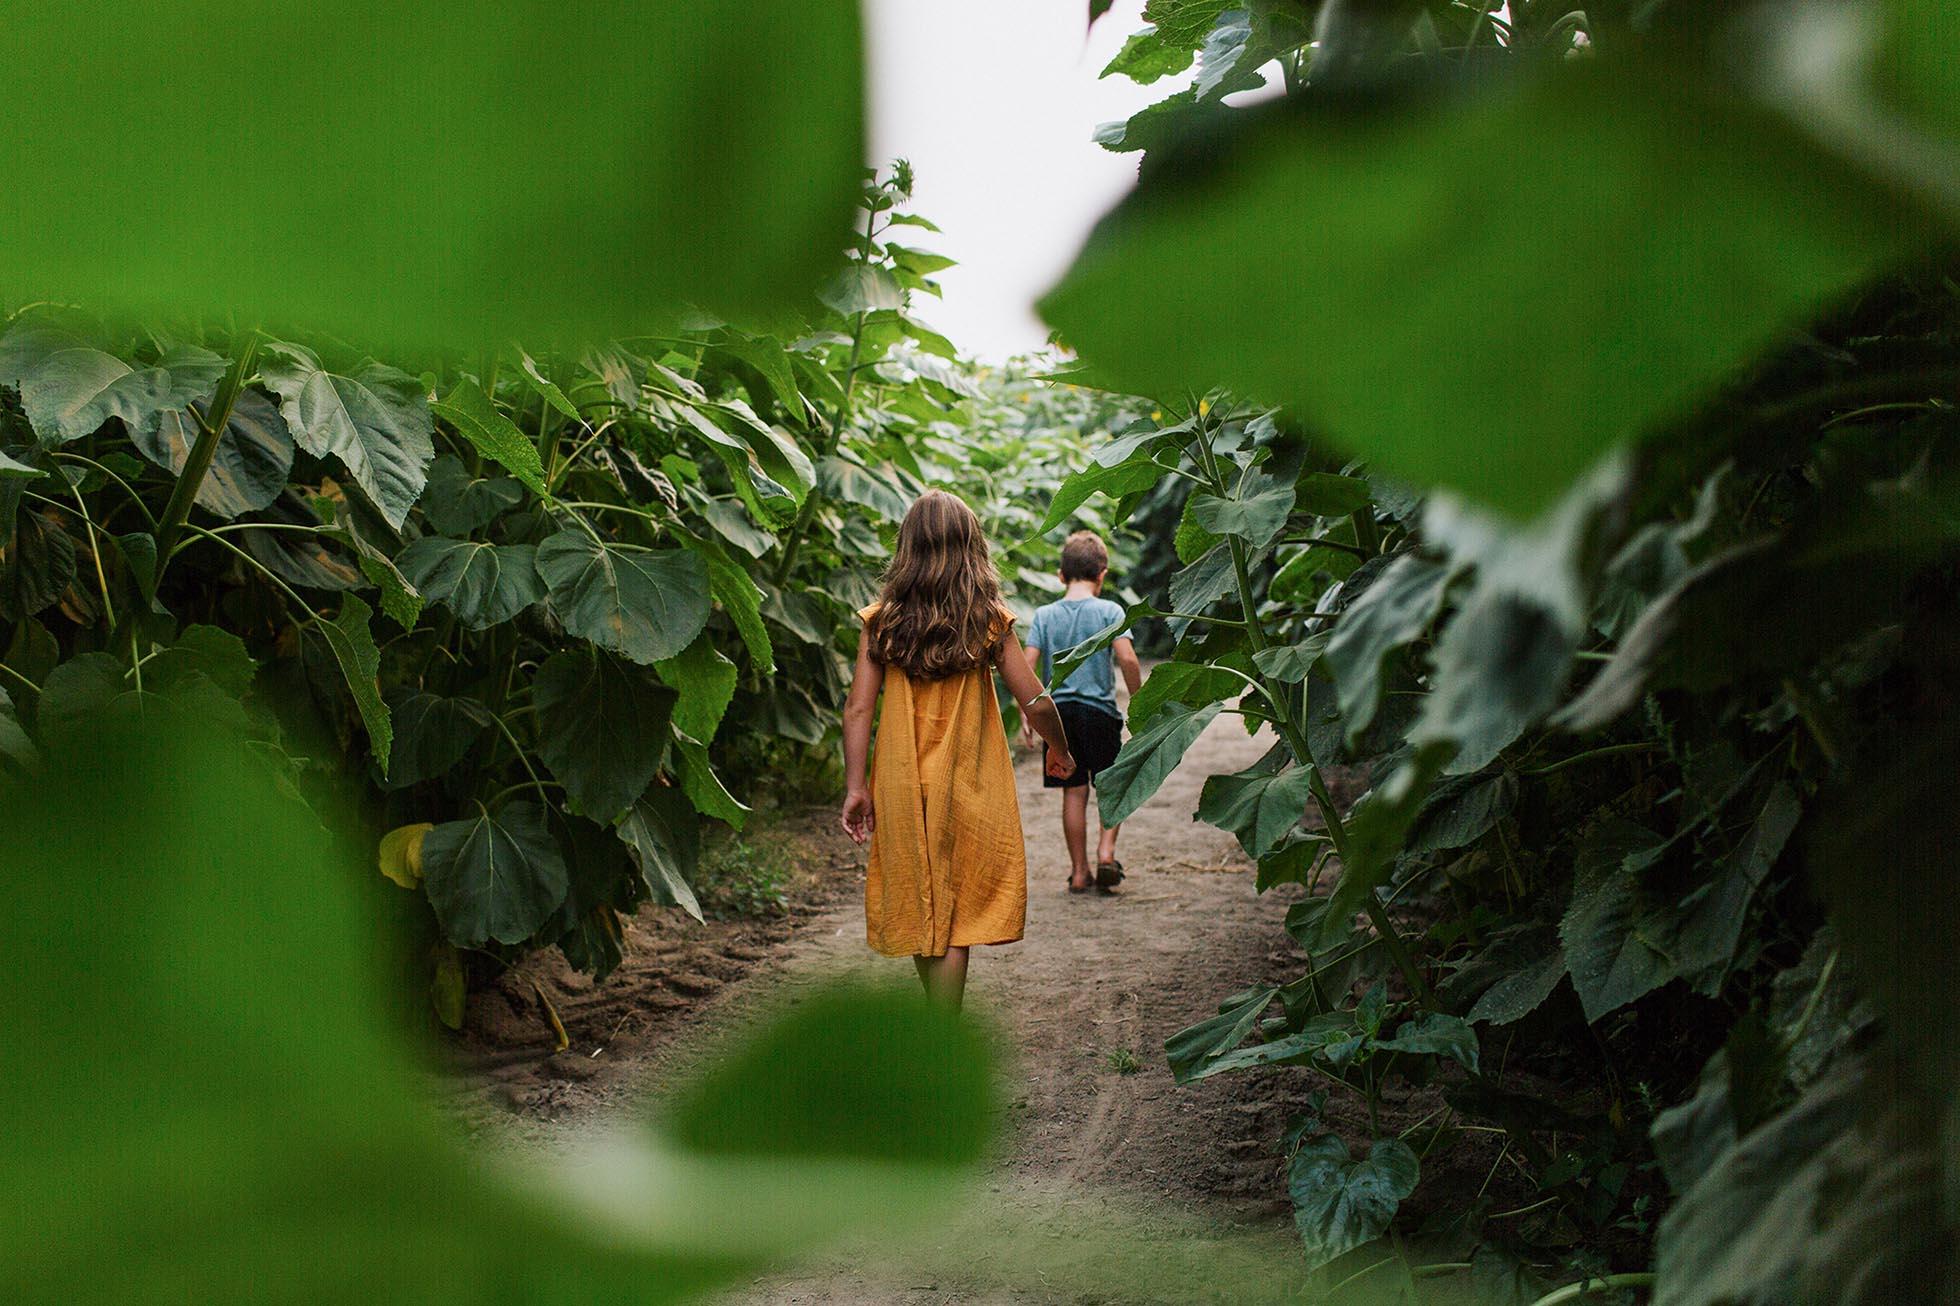 Peekaboo view of children walking on a path through a sunflower field.